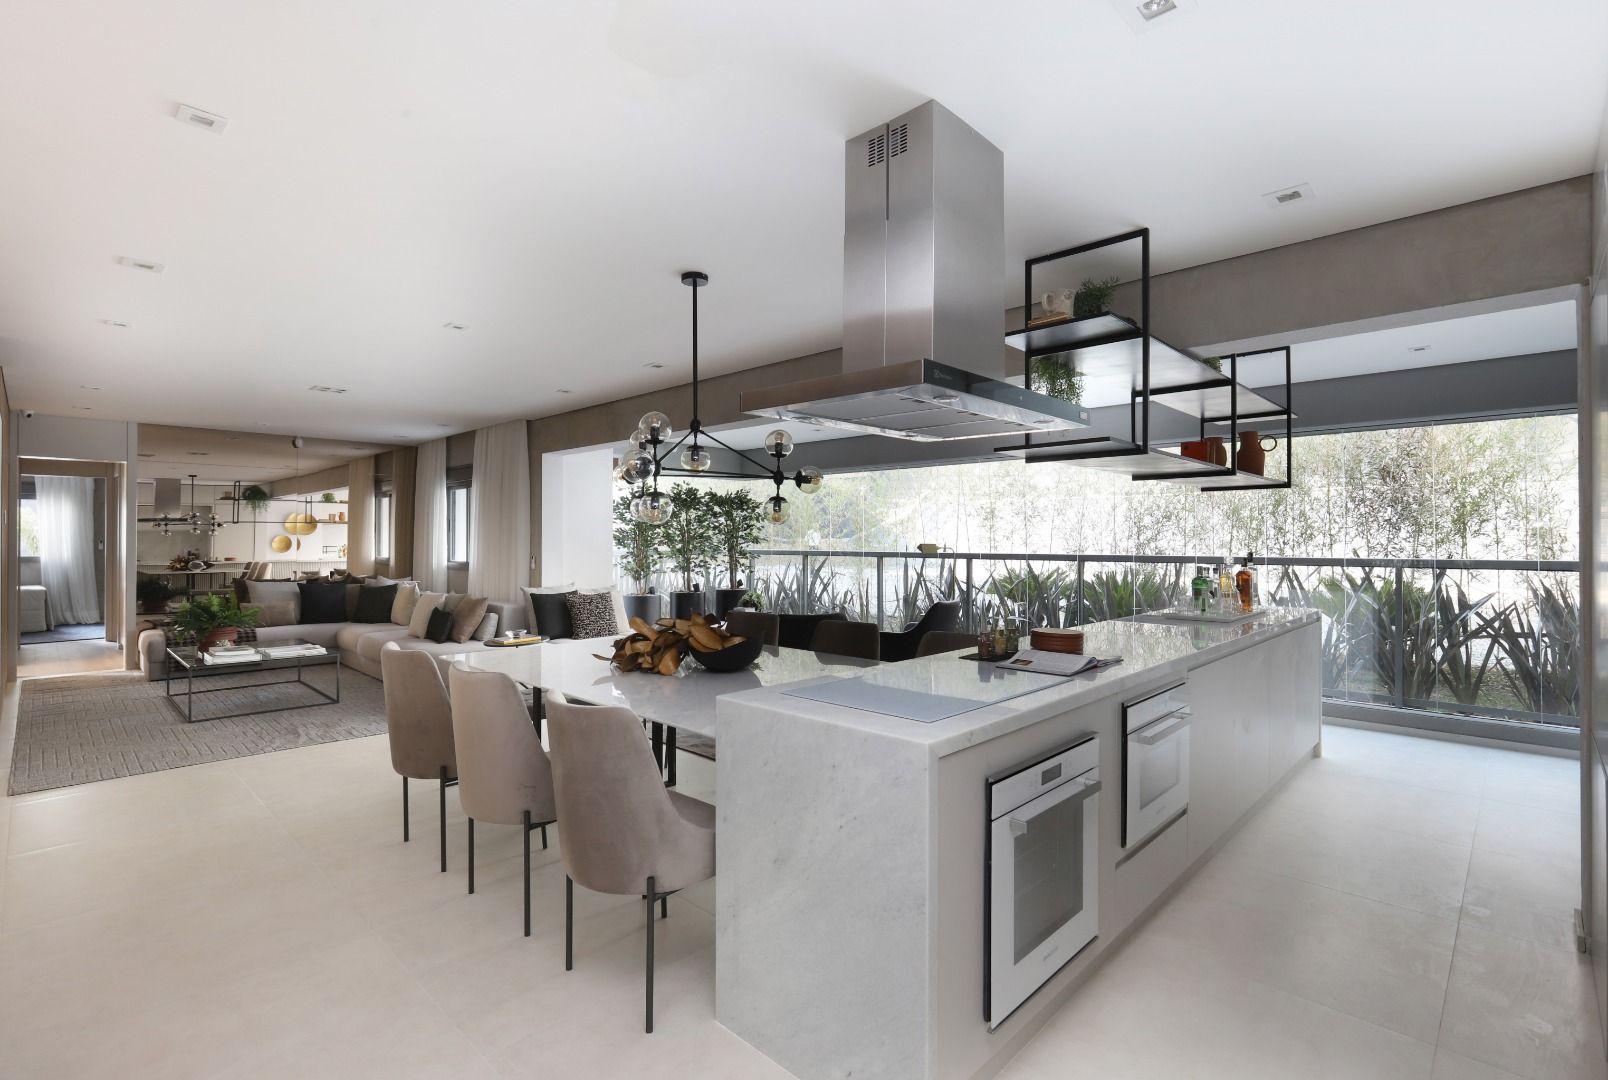 LIVING E COZINHA do apto de 155 m².